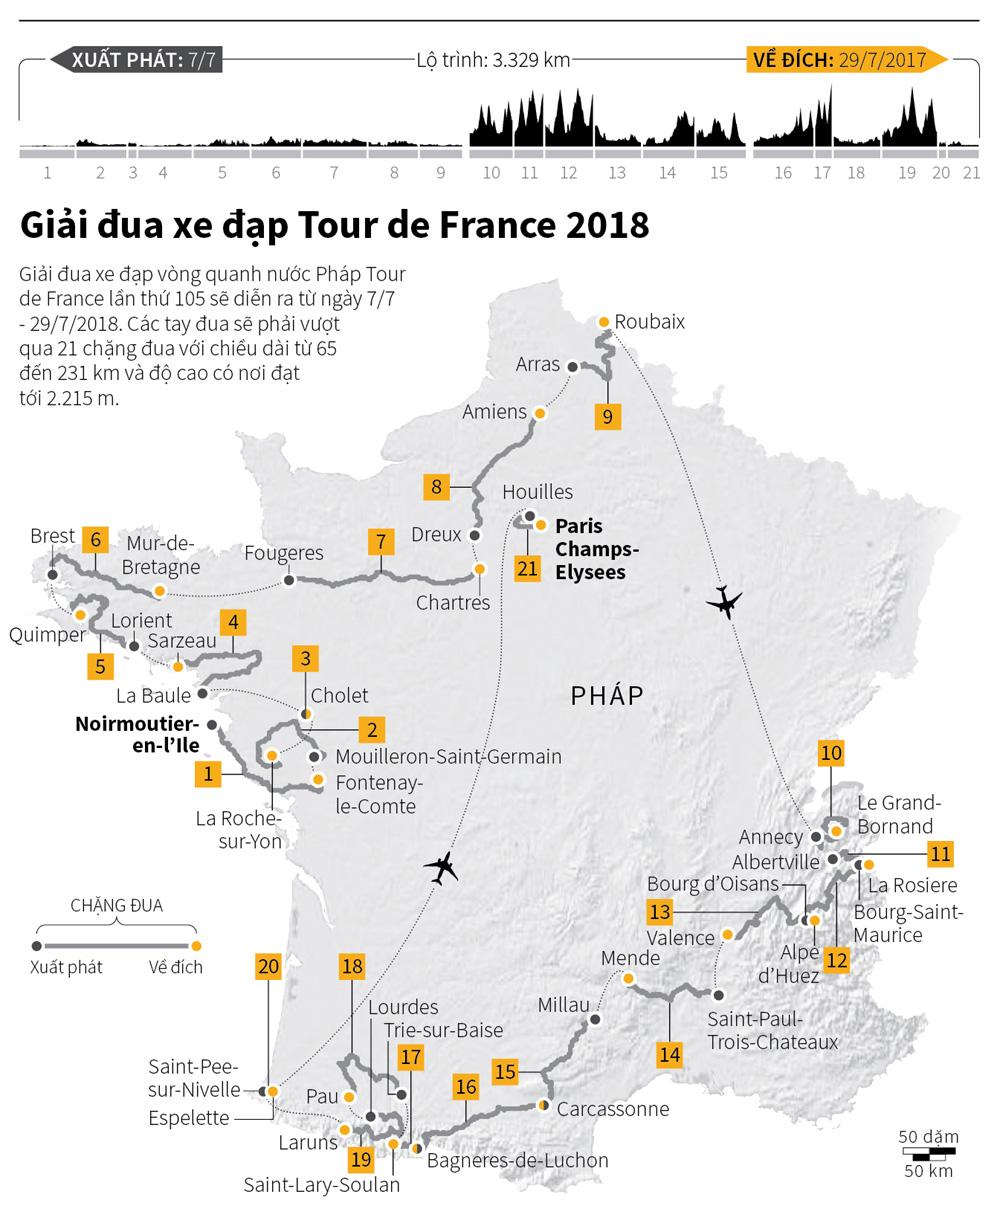 Tour de France, giải đua xe đạp, các tay đua